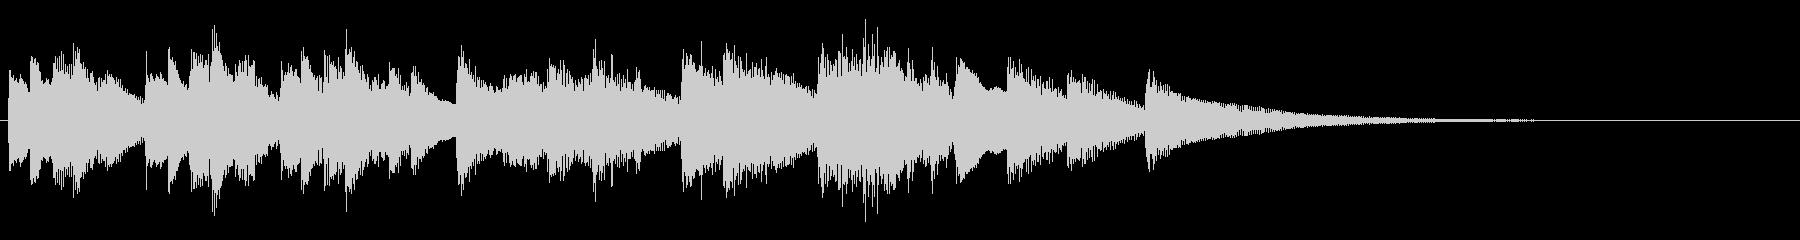 ソロピアノの穏やかなジングルの未再生の波形